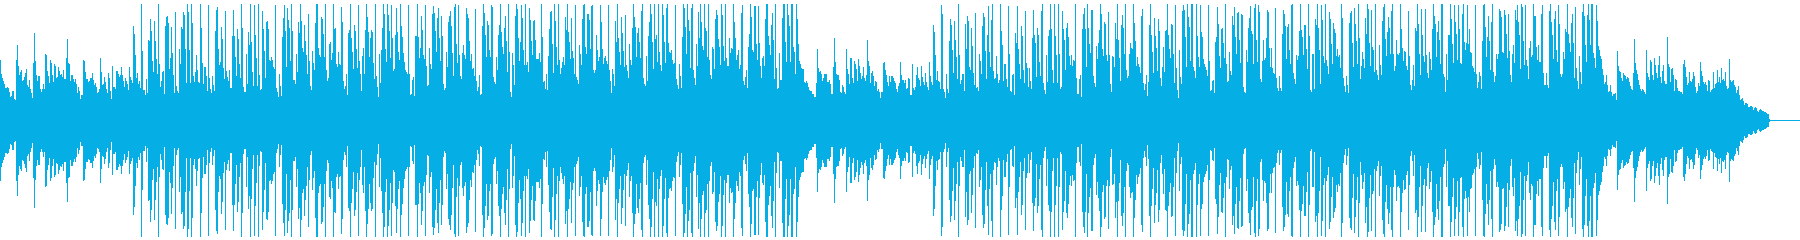 お洒落/ジャズピアノ/ヒップホップ4の再生済みの波形